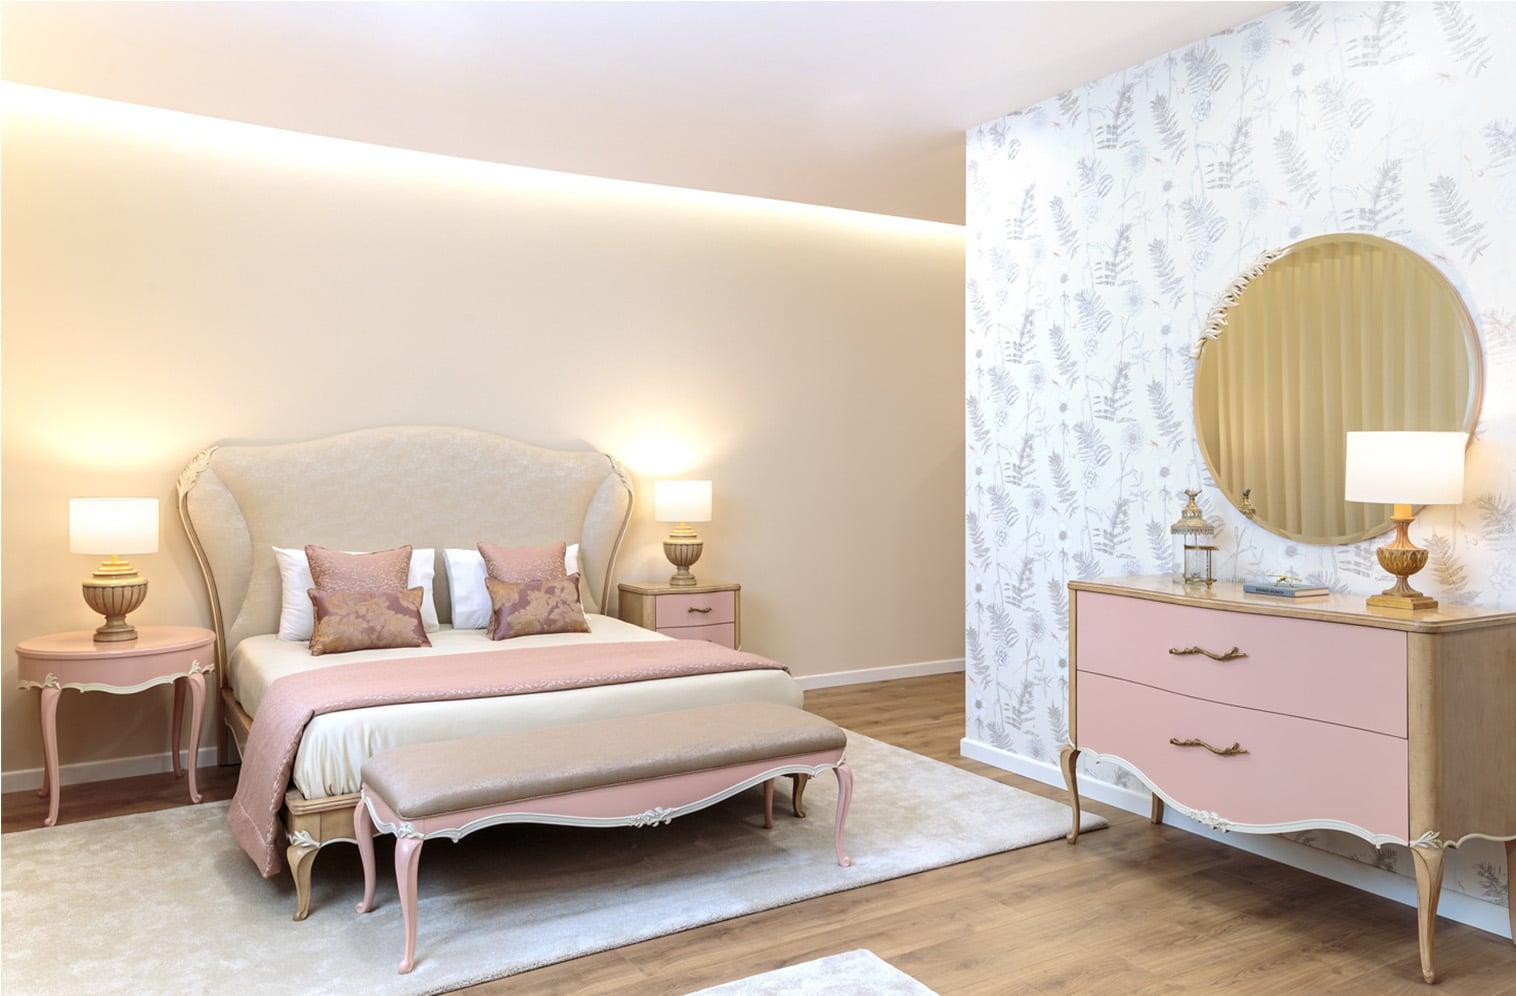 dormitorio_clasico_005